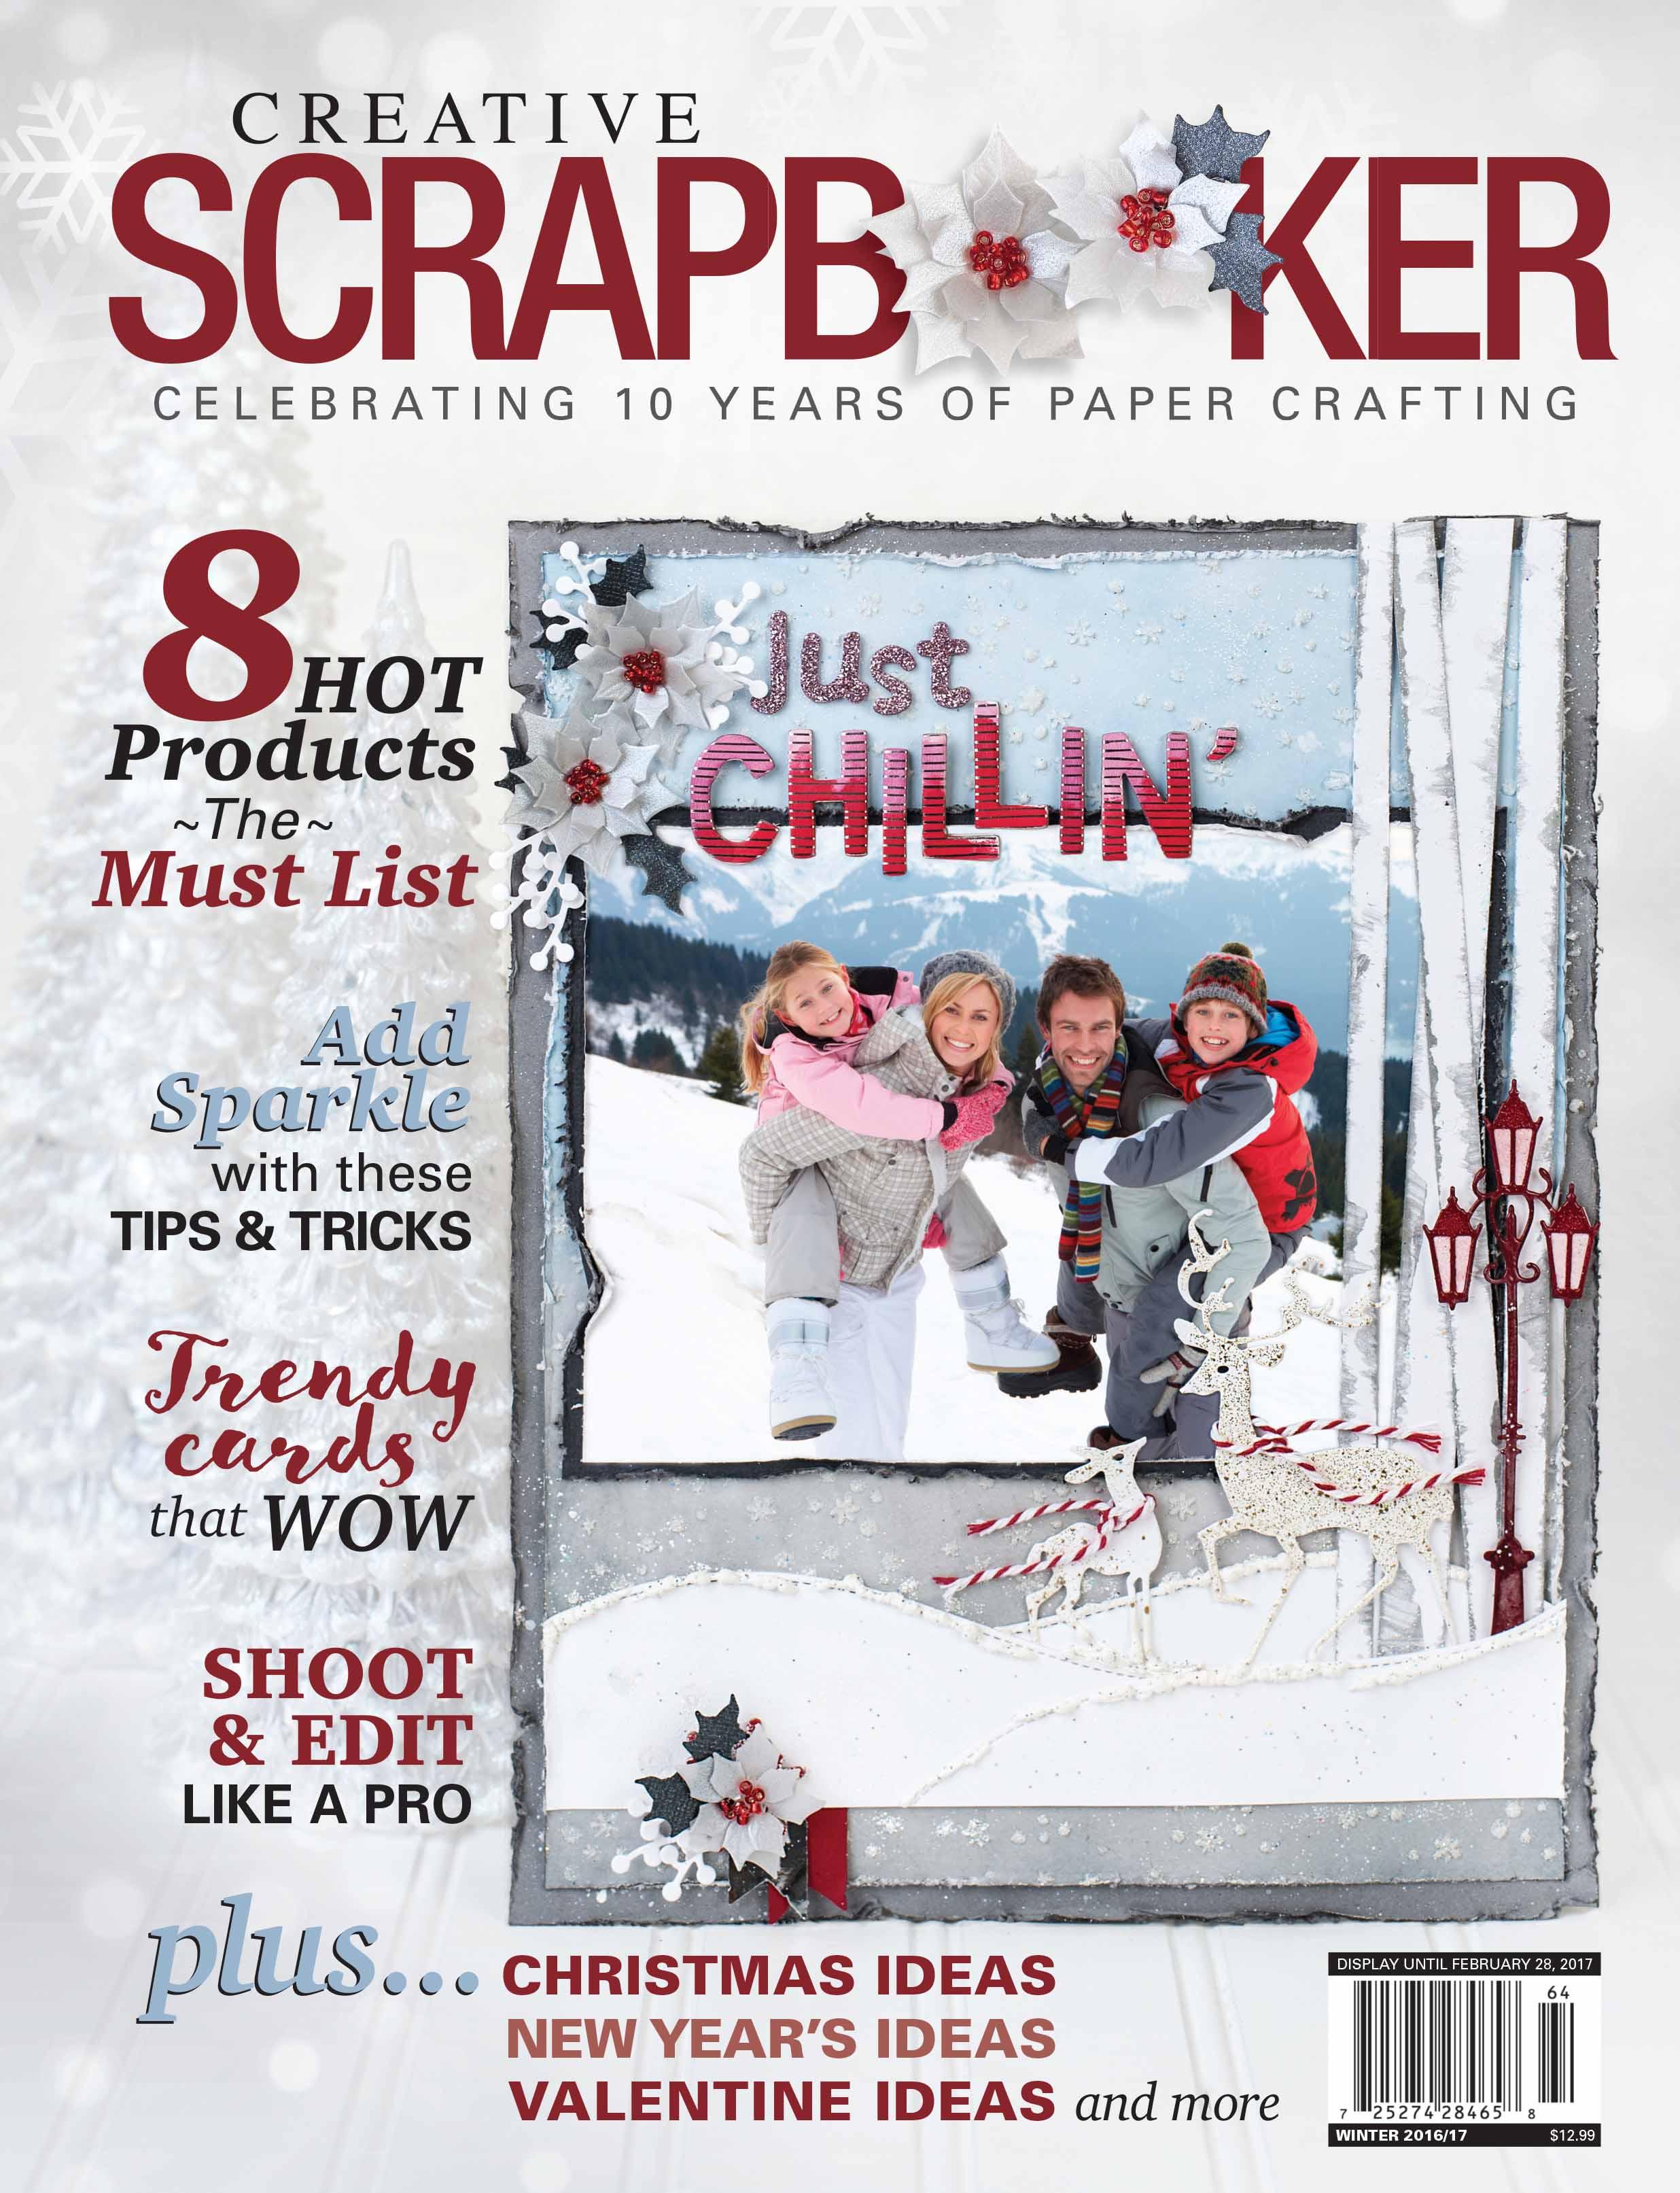 Winter 2016 Creative Scrapbooker Magazine Cover